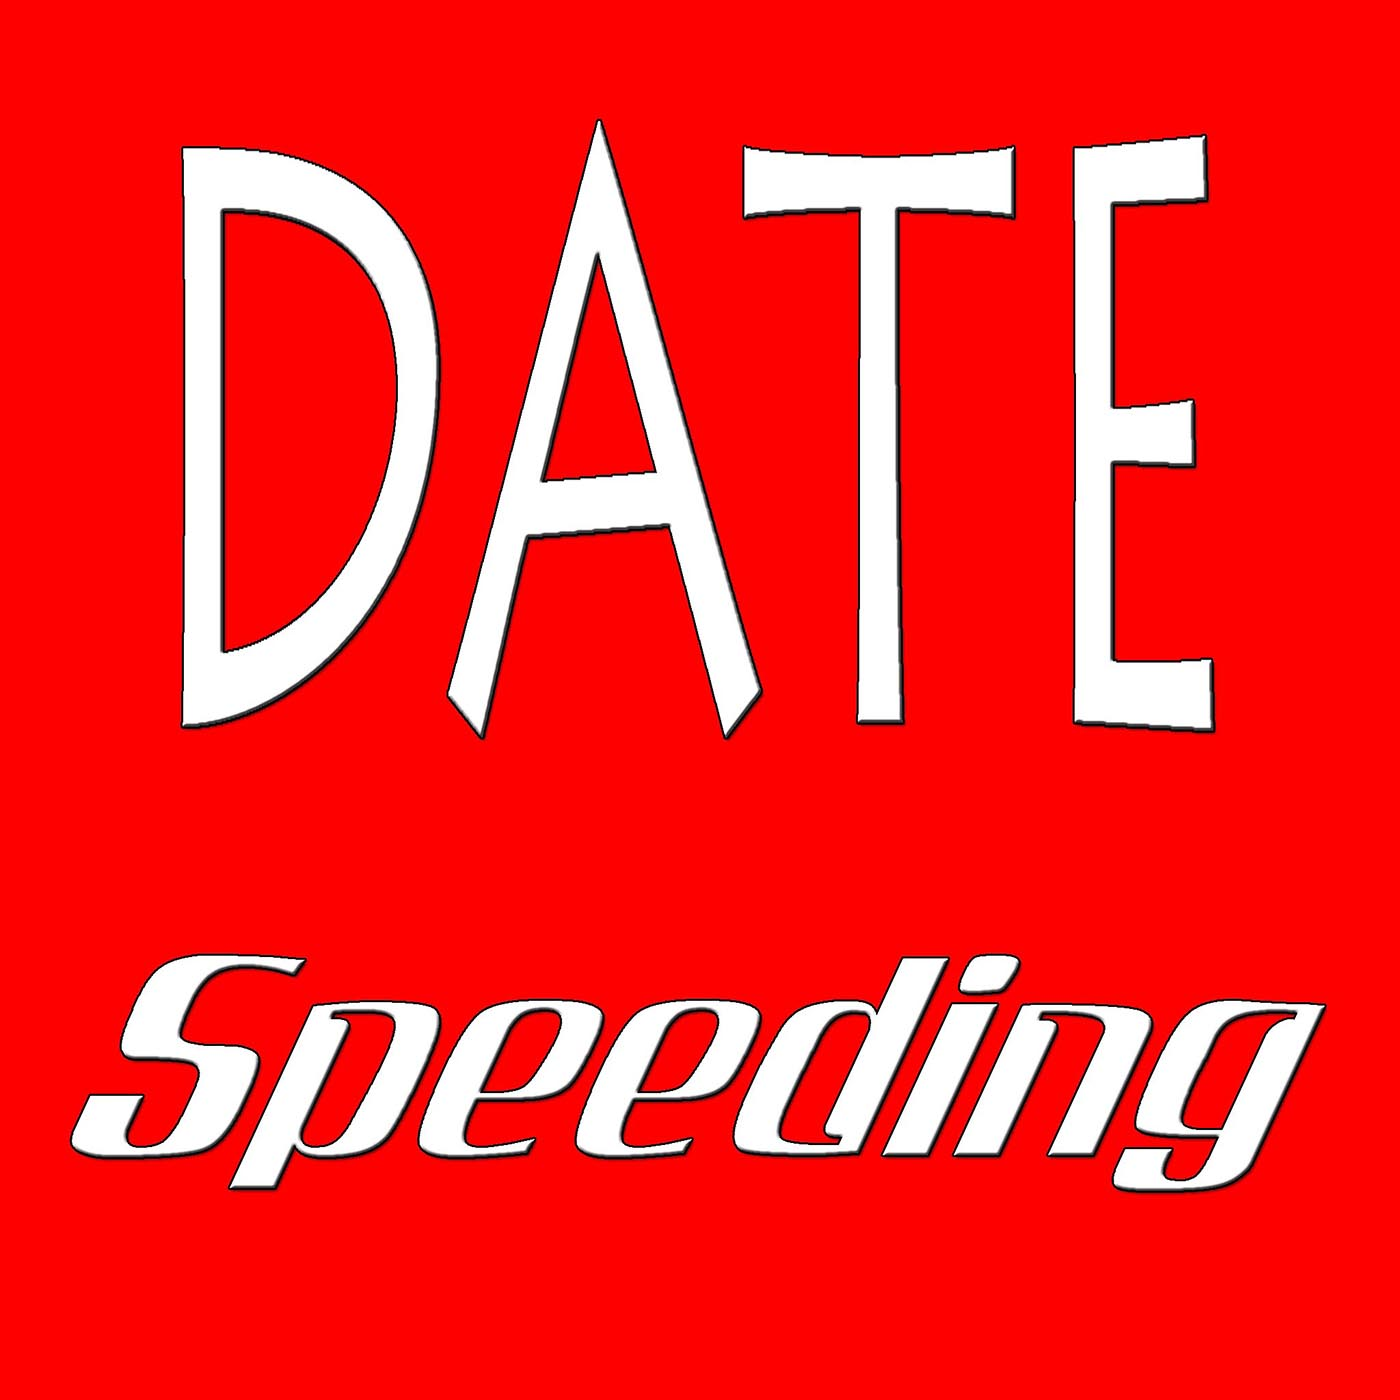 Date Speeding